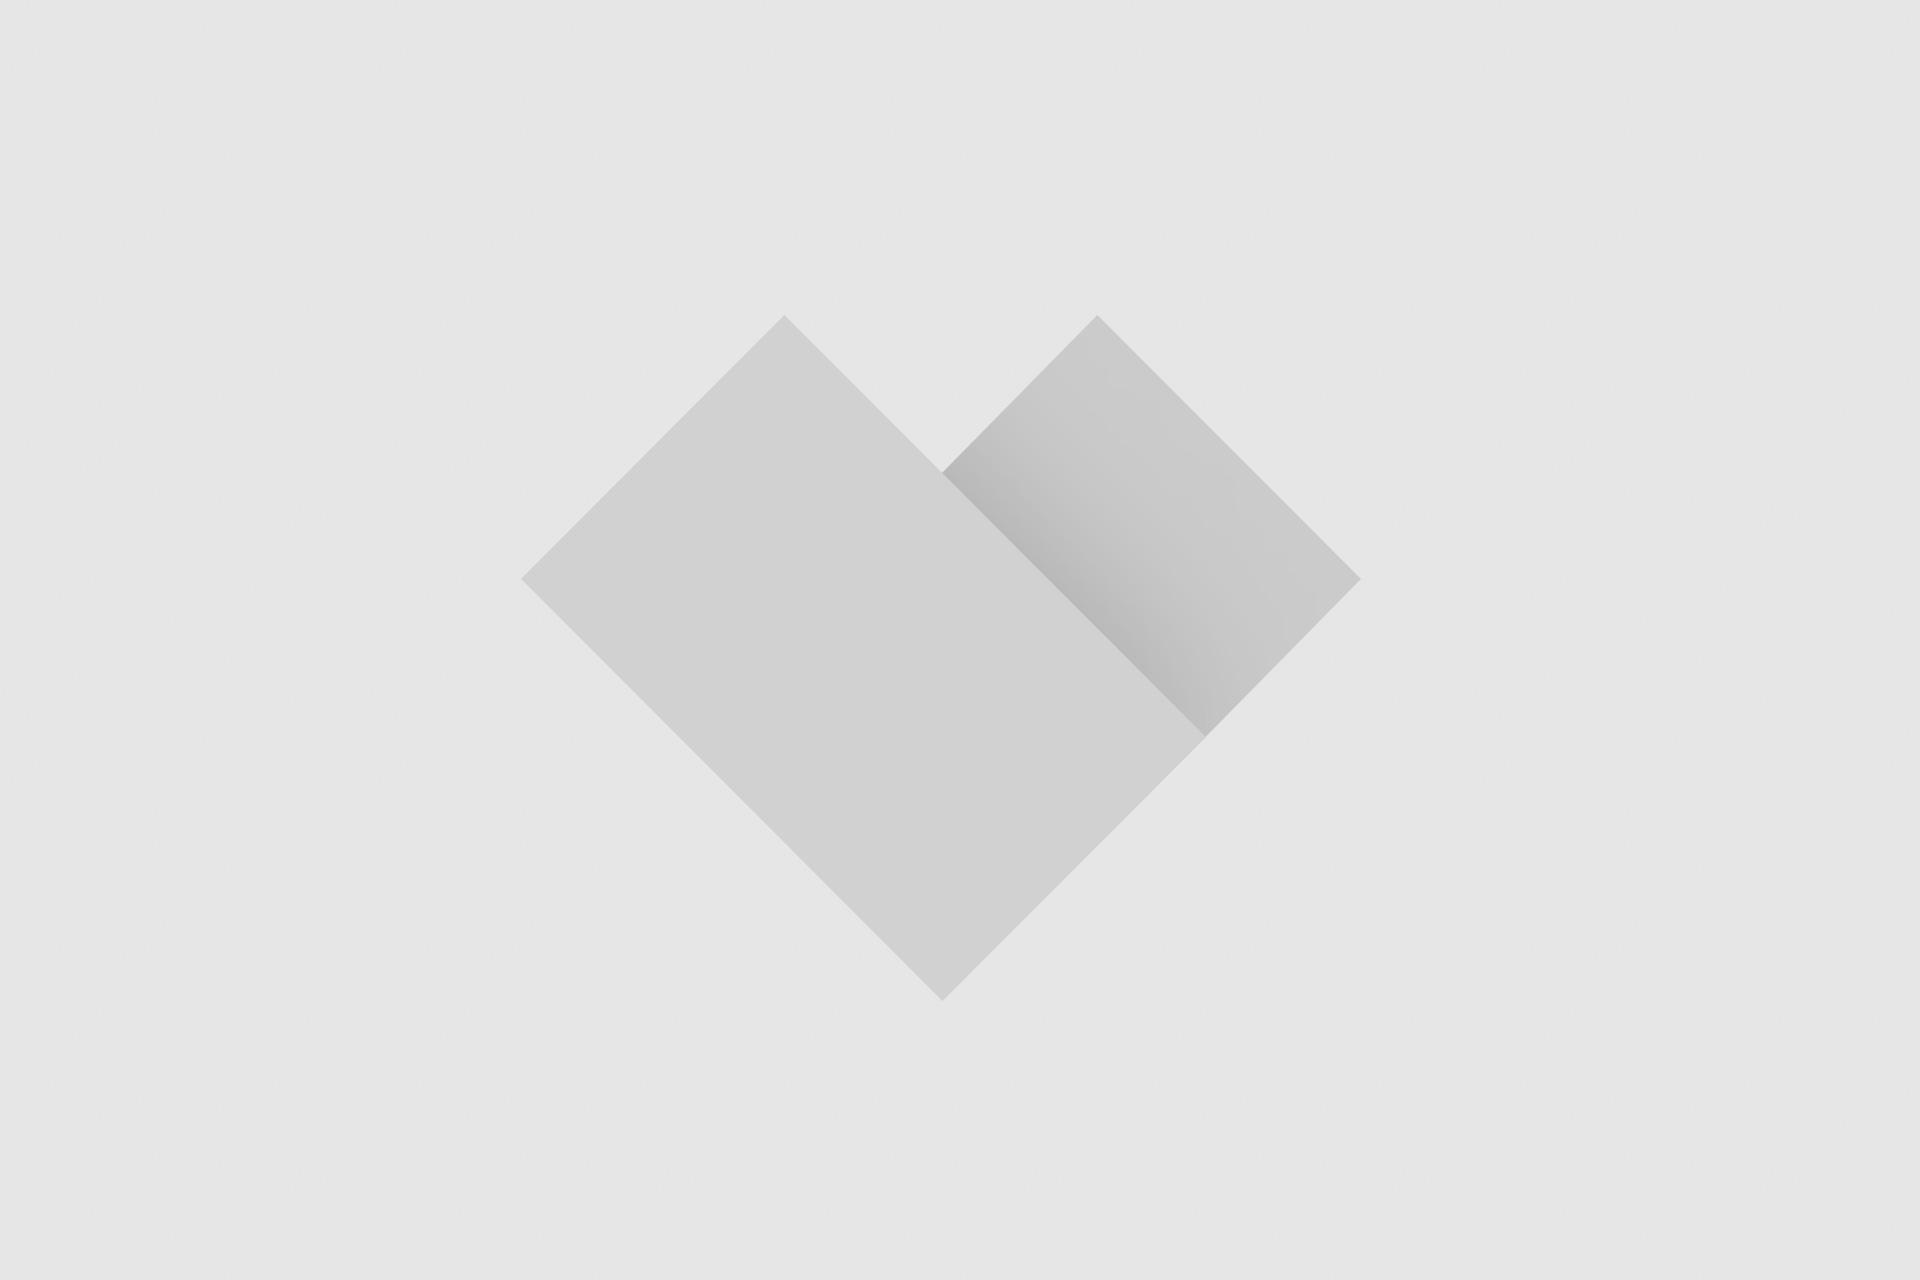 МТС поможет информировать клиентов торговой сети «Акварель»